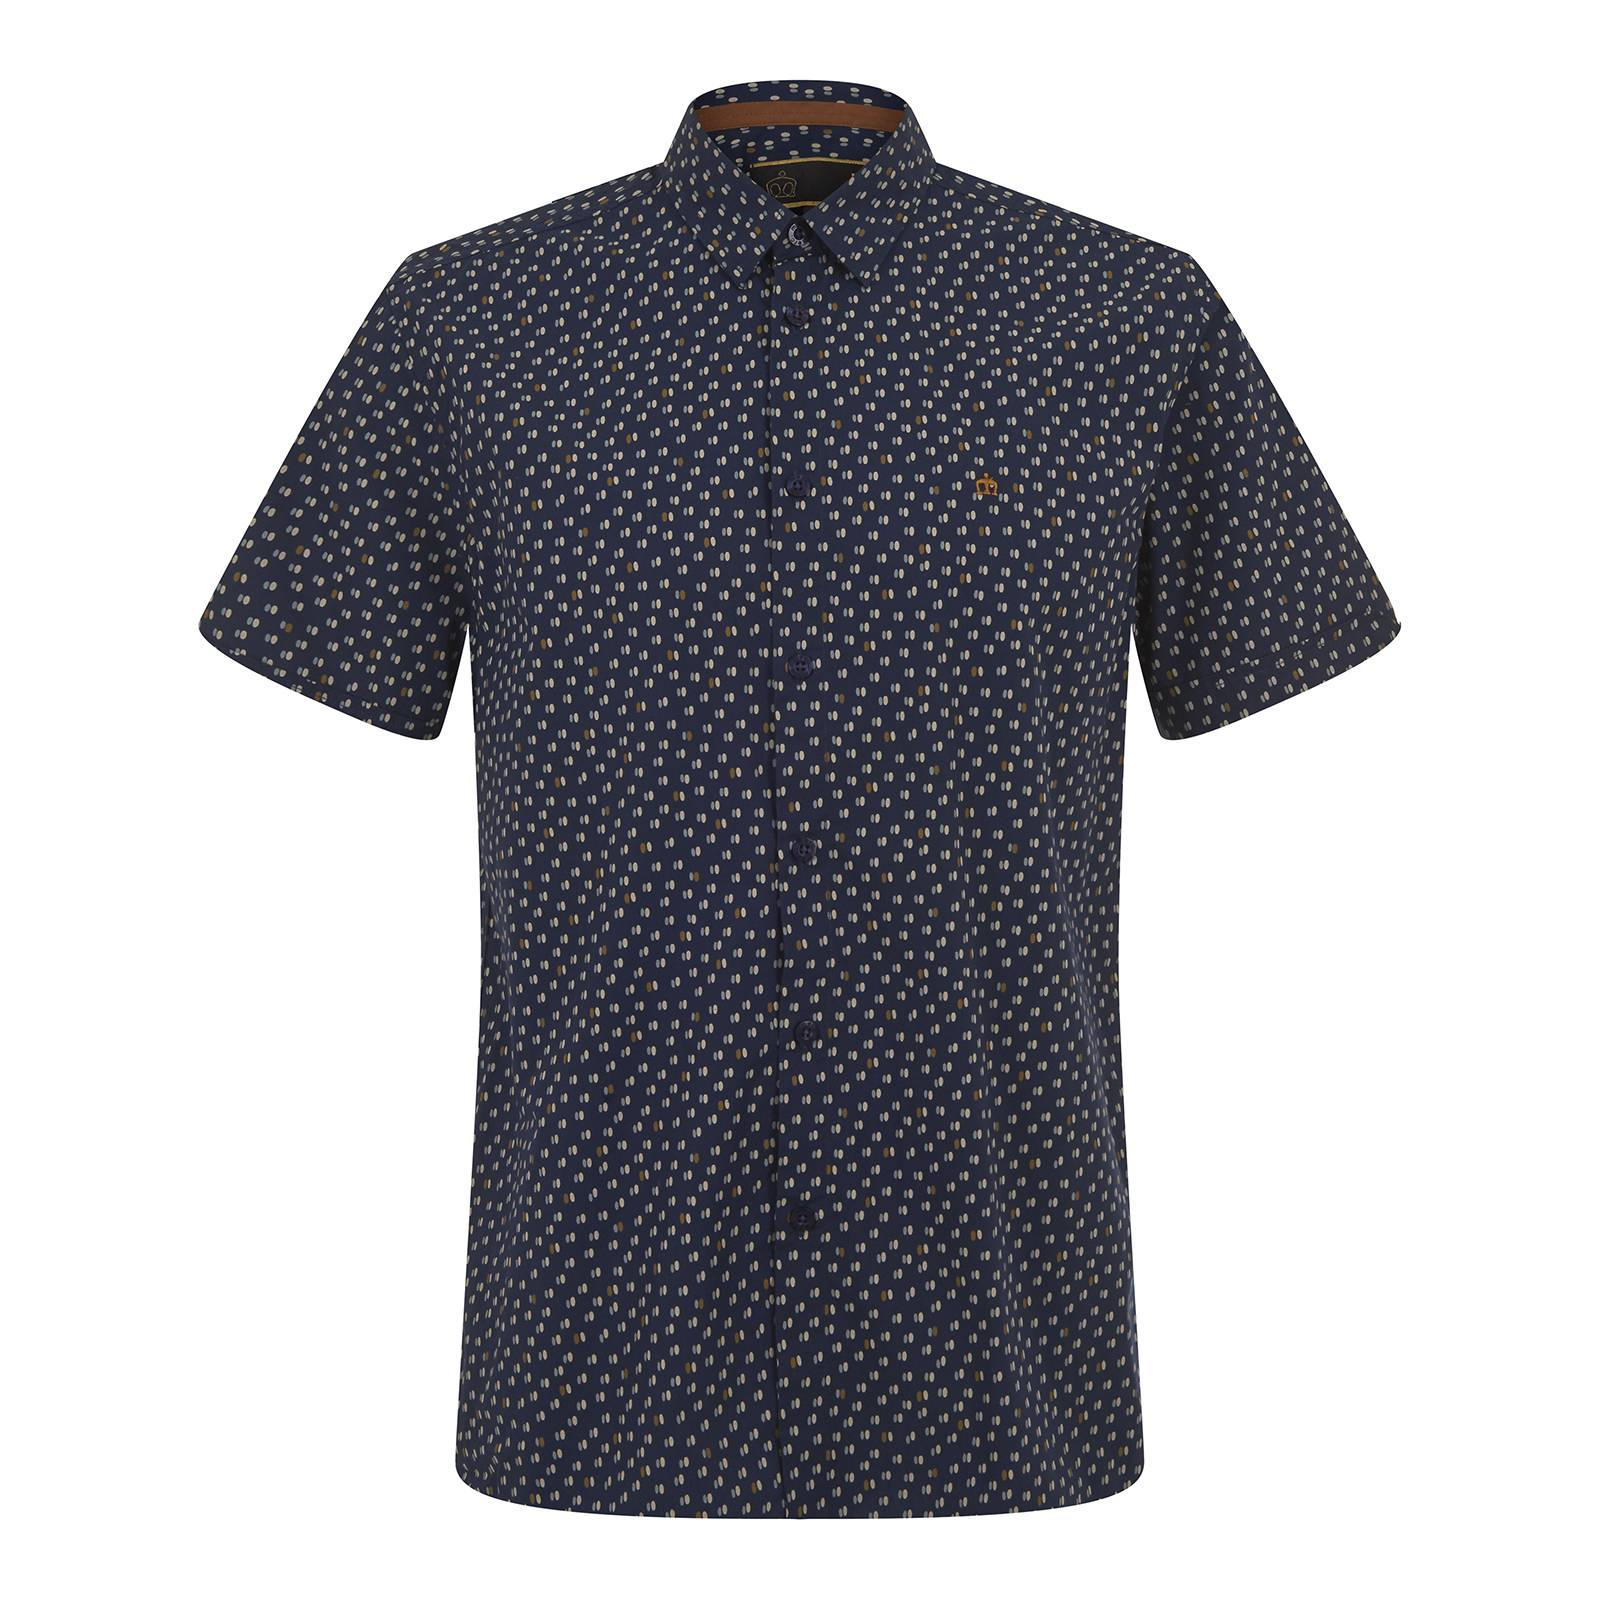 Рубашка HalpinРубашки<br>Классическая мужская рубашка покроя slim fit с коротким рукавом. Изготовлена из легкой хлопчатобумажной ткани поплин – традиционного в производстве сорочек текстильного полотна. Мелкий сплошной узор представляет собой стилизацию знаменитого орнамента polka-dot в виде парных овалов в мягких и приятных глазу тонах. Имеет облегающие манжеты и классический воротник Кент, сочетающийся с узким галстуком. Брендирована фирменным логотипом Корона, вышитым контрастными золотыми нитями на груди слева. Эта рубашка органично впишется в летний вариант делового smart casual гардероба. Фигурный низ изделия и удлиненная спинка позволяют с комфортом заправлять её в брюки. Кроме того можно носить и навыпуск, комбинируя с чиносами, шортами или джинсами. На этот случай дизайнерами предусмотрена приятная деталь – декоративные, в тон лого и основного узора, оранжевые накладки по бокам в области припуска по низу изделия.<br><br>Артикул: 1516103<br>Материал: 100% хлопок<br>Цвет: темно-синий<br>Пол: Мужской